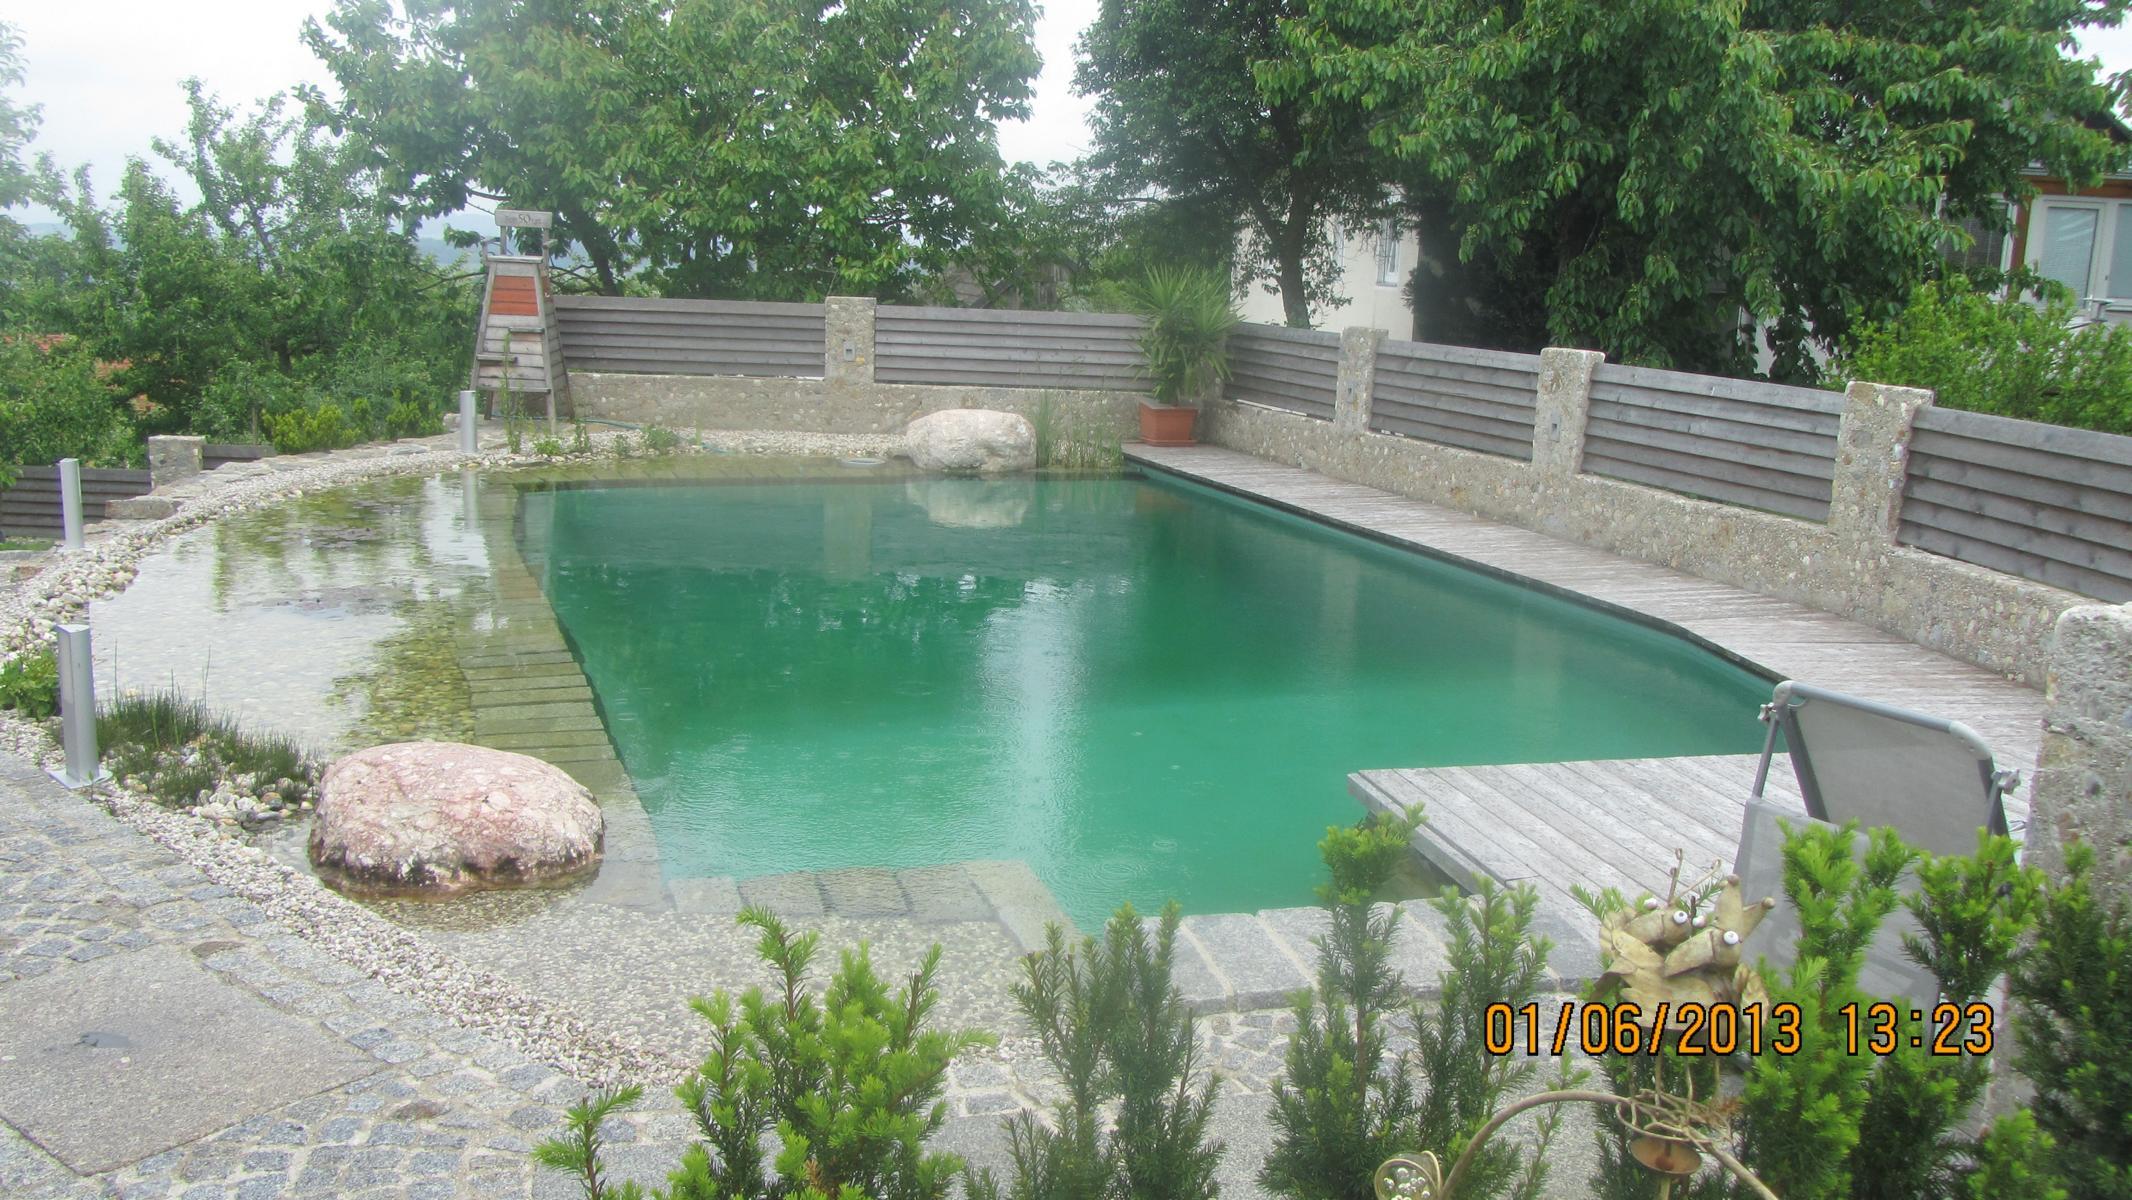 Der teichdoktor pflegepionier schwimmteichpflege for Naturteich zum schwimmen